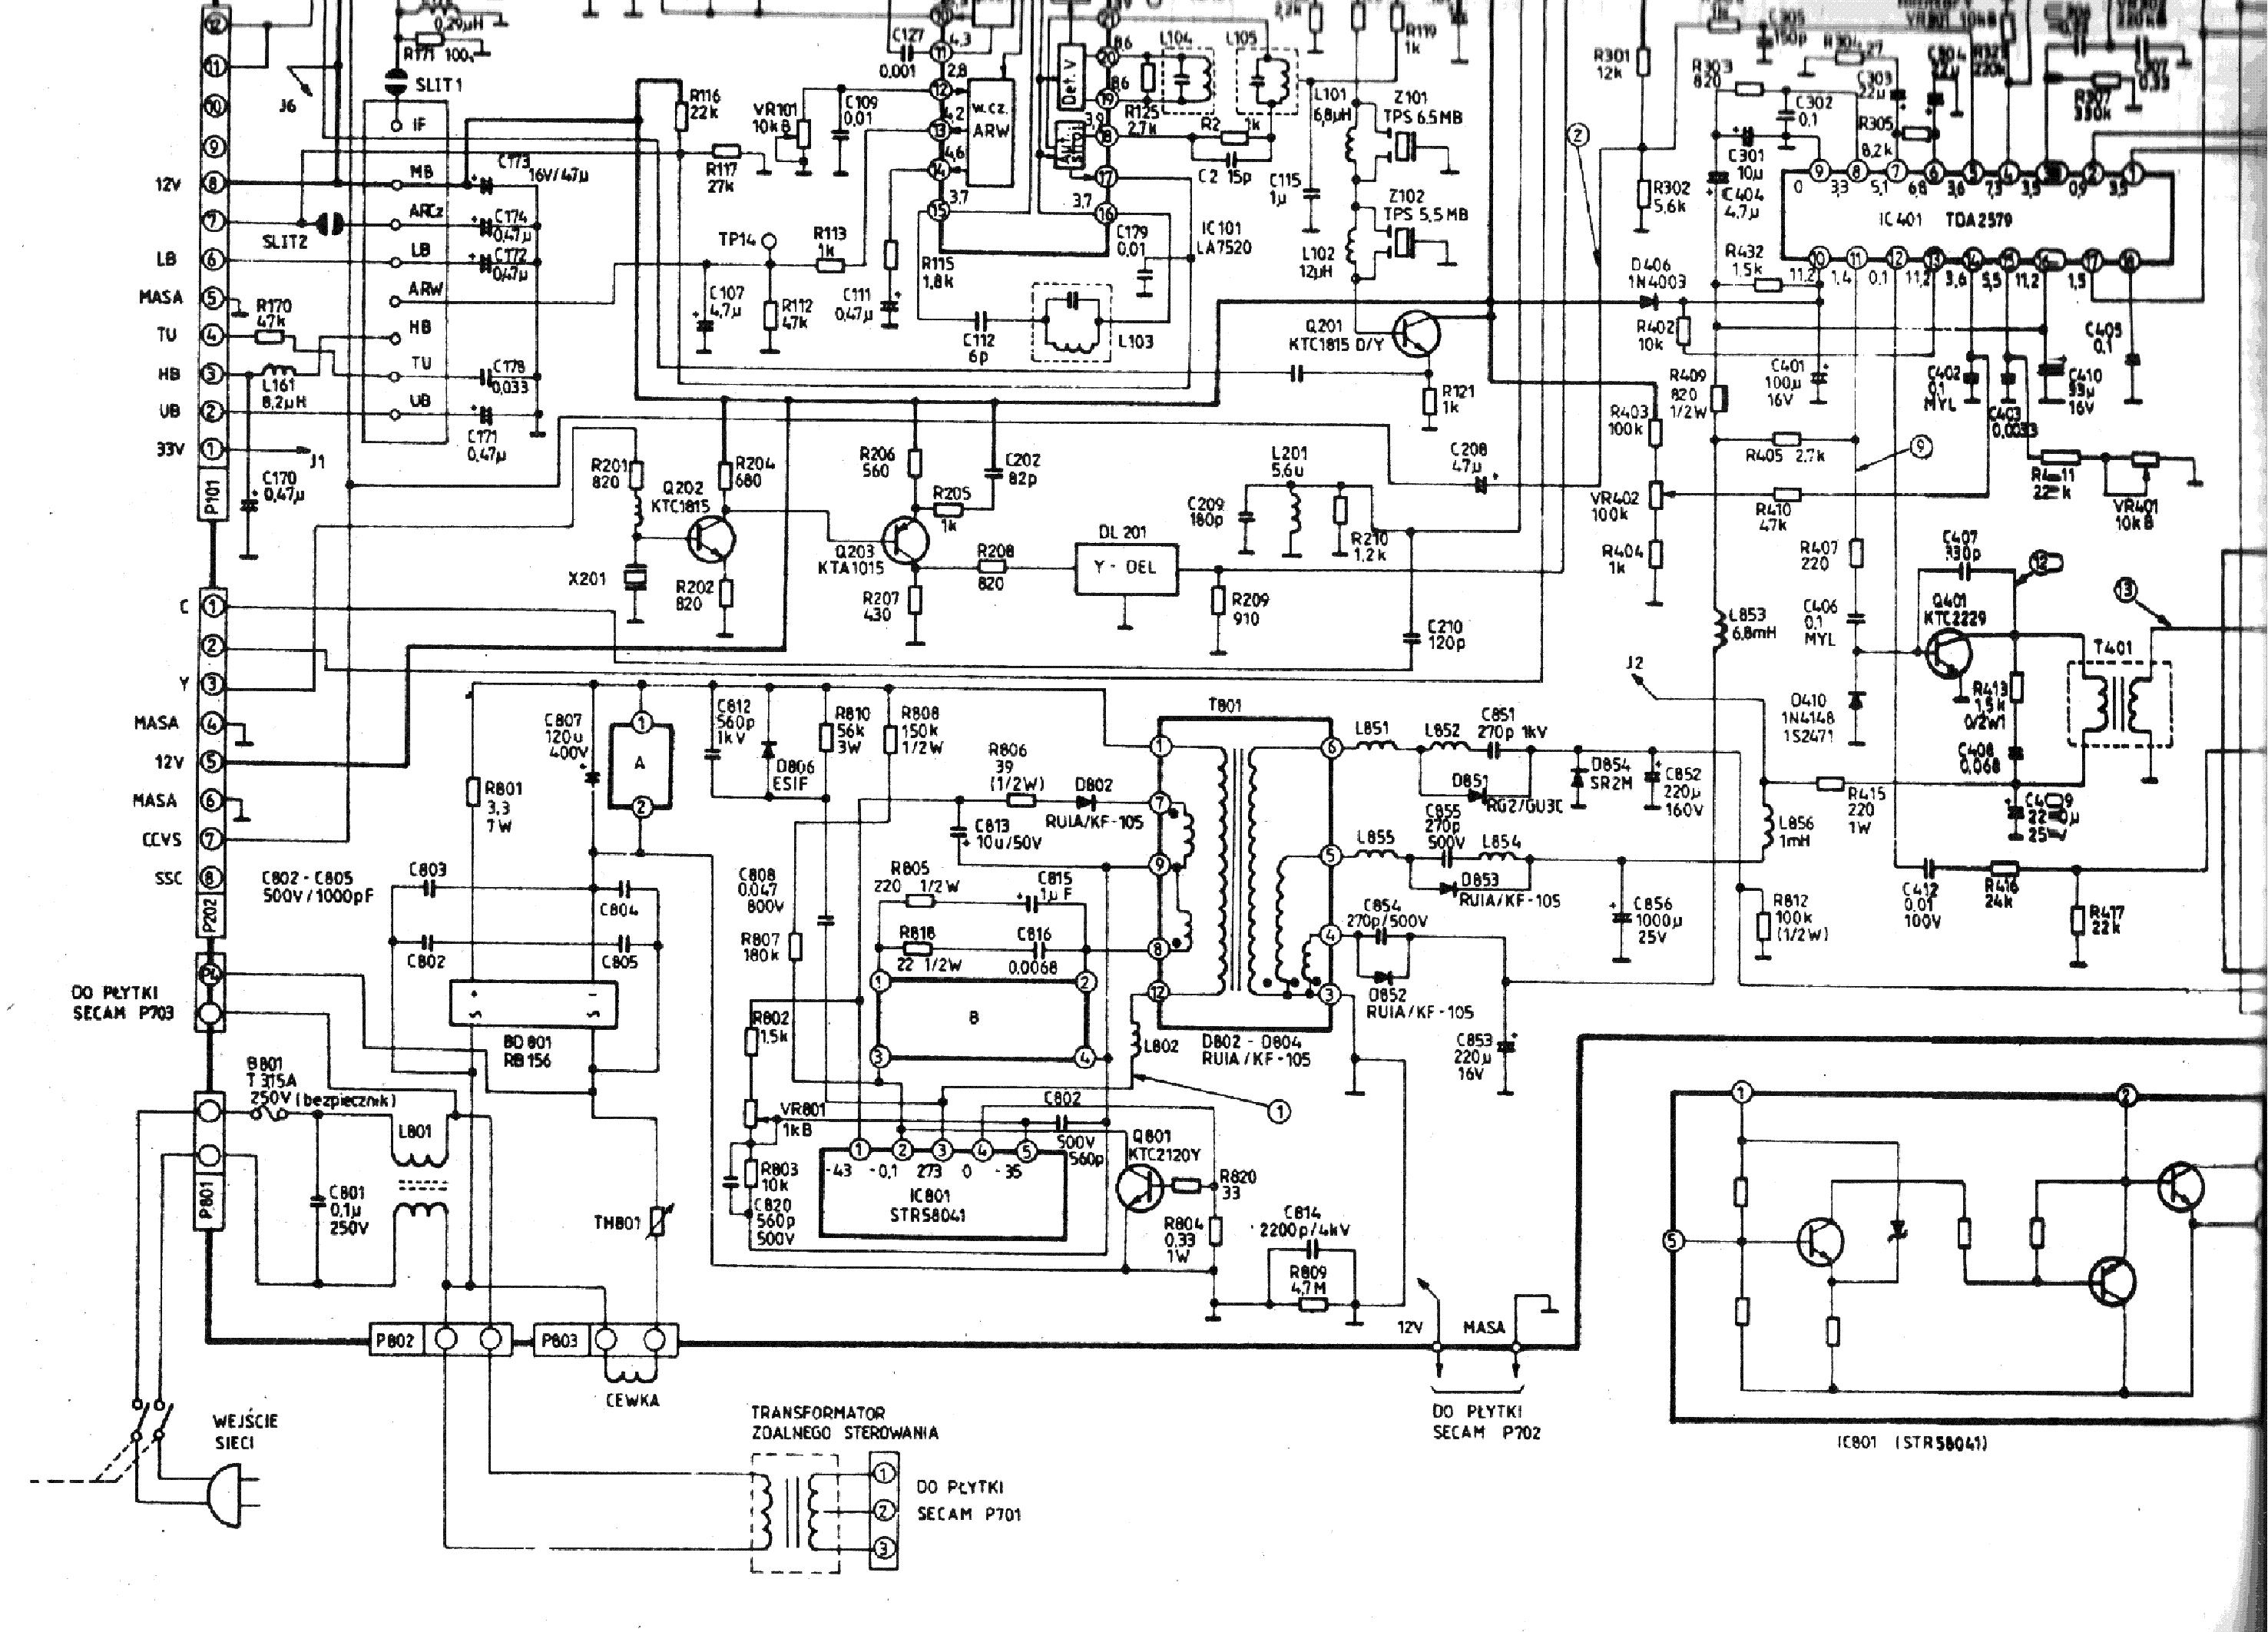 supra ctv 21002 схема скачать